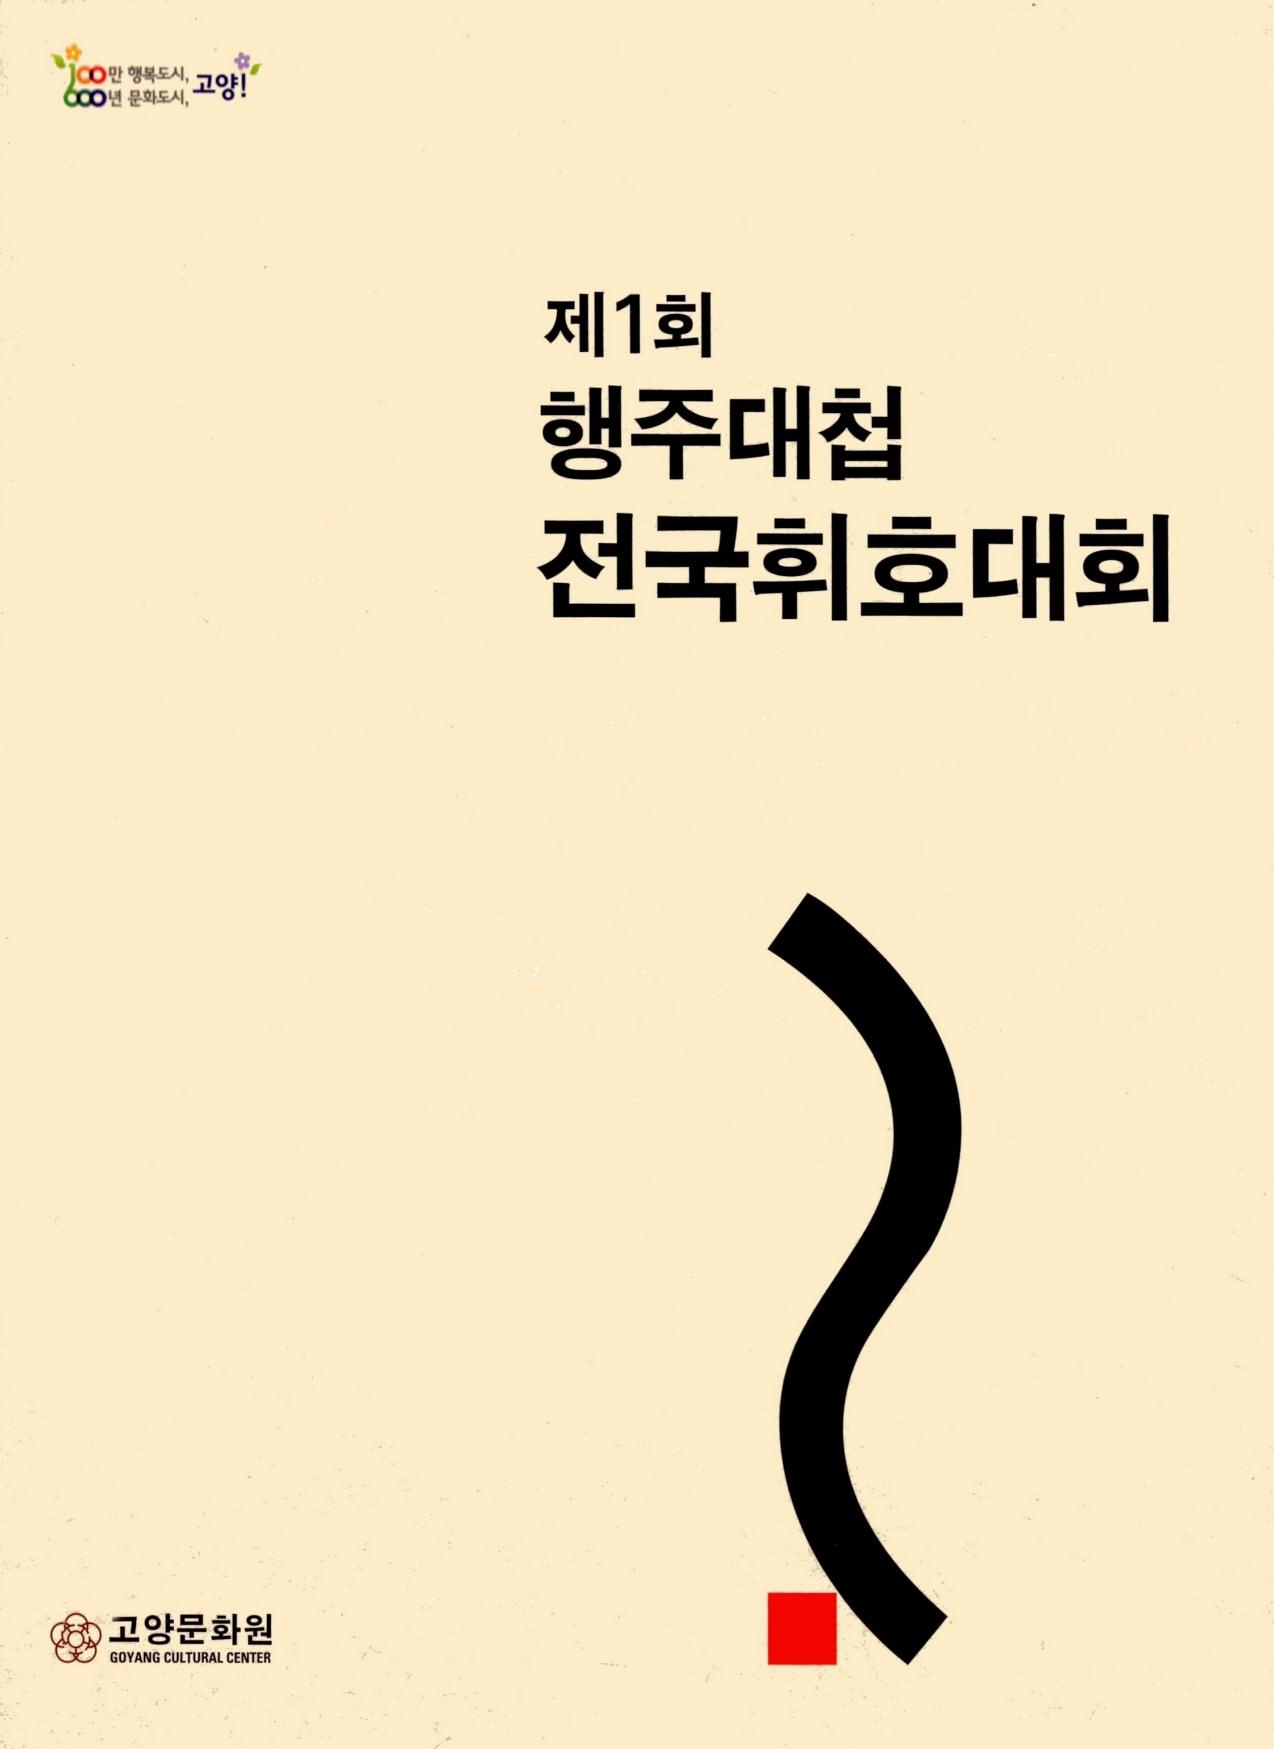 제1회 행주대첩 전국휘호대회